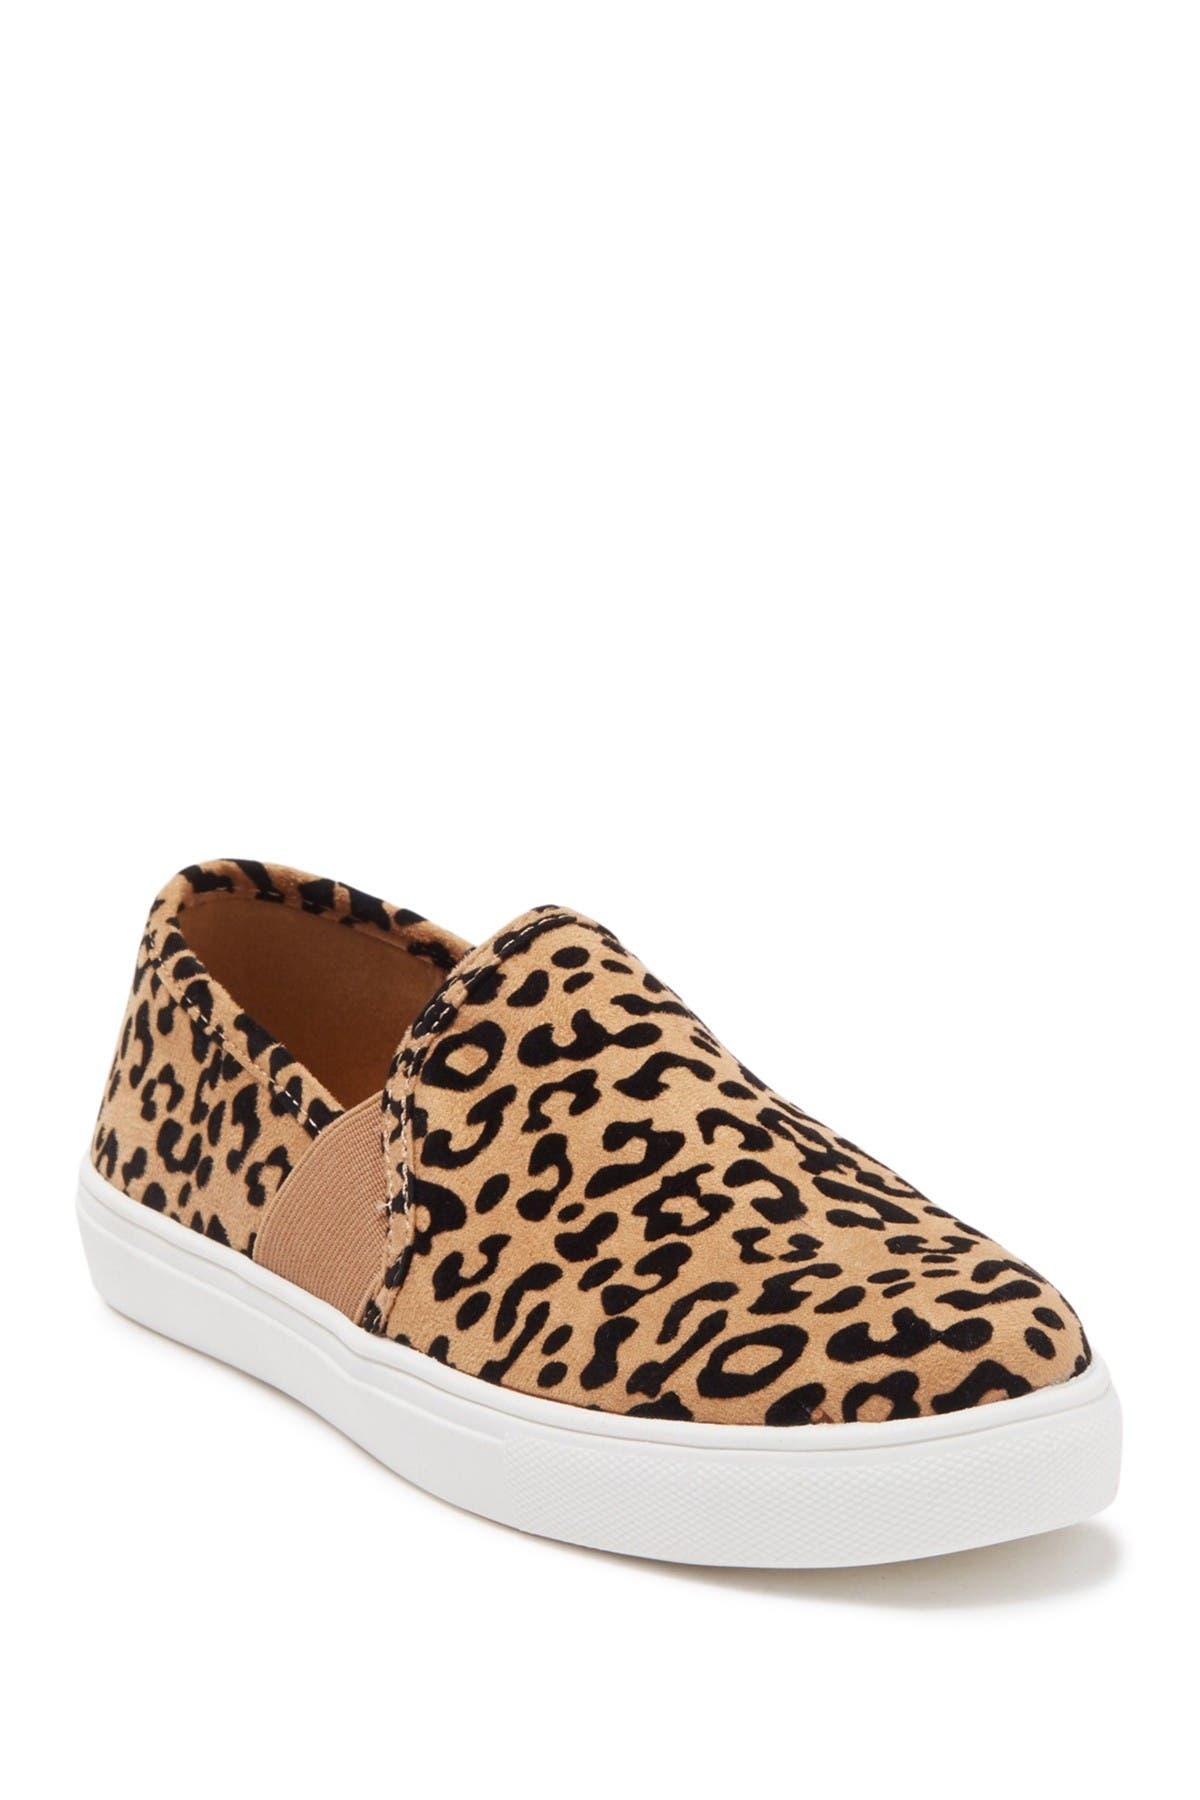 Image of Fergie Stevie Slip-On Leopard Printed Sneaker